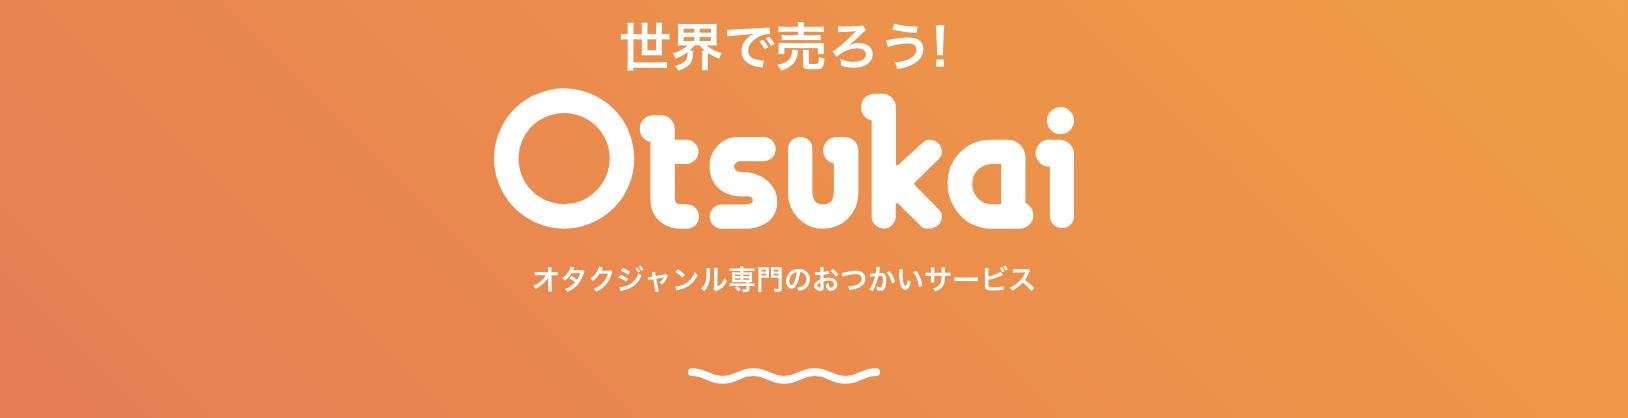 アニメファン向けサービス『Otsukai』が外国人に人気らしい!オタク向けのサービスは他にもあるよ!